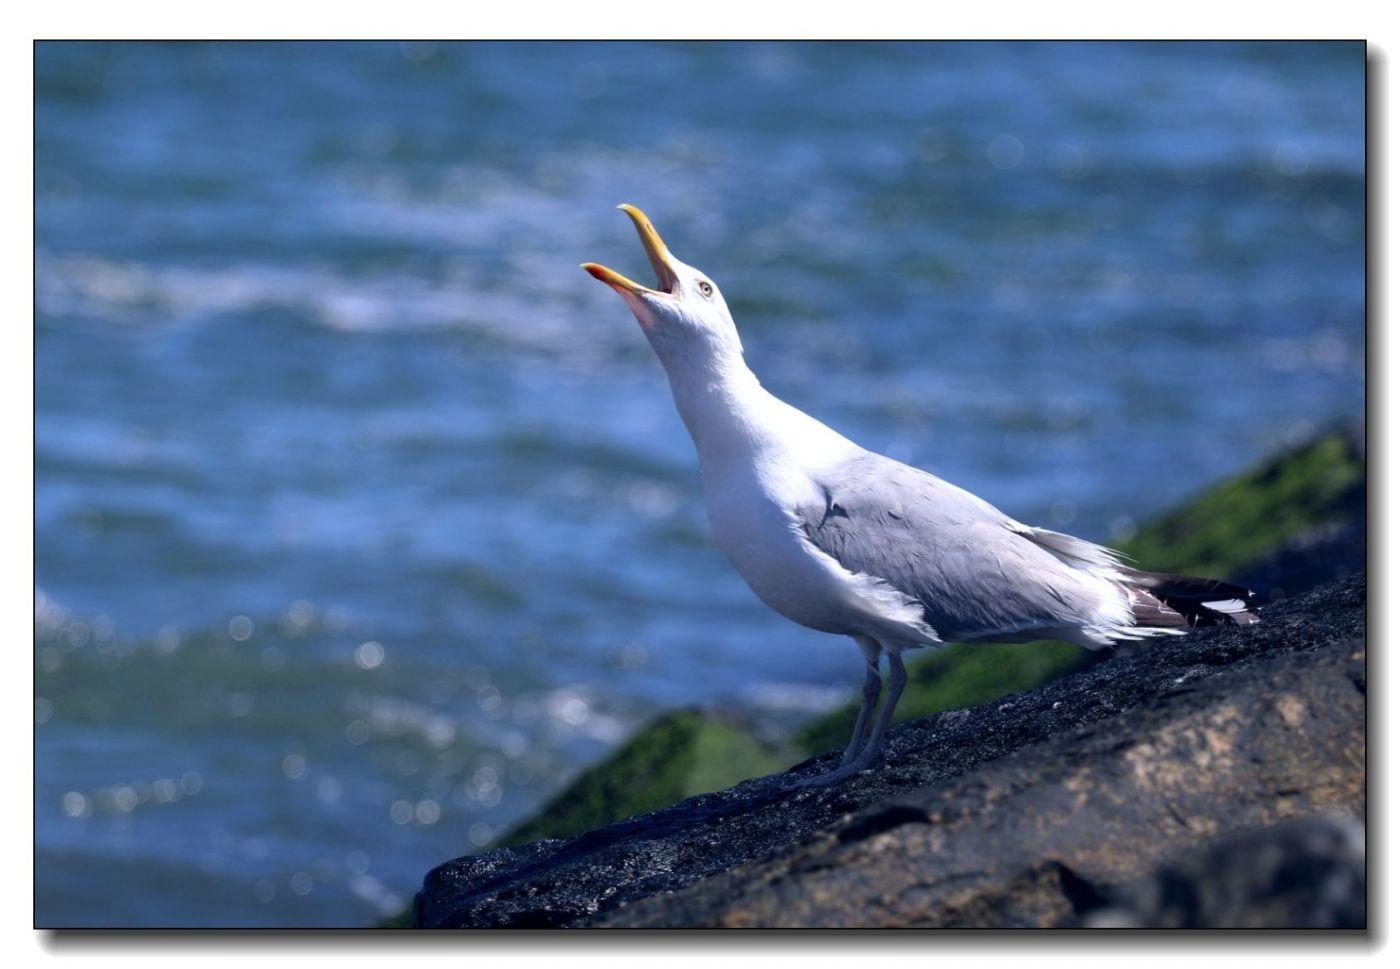 洛克威海滩拍鸟-银鸥_图1-6